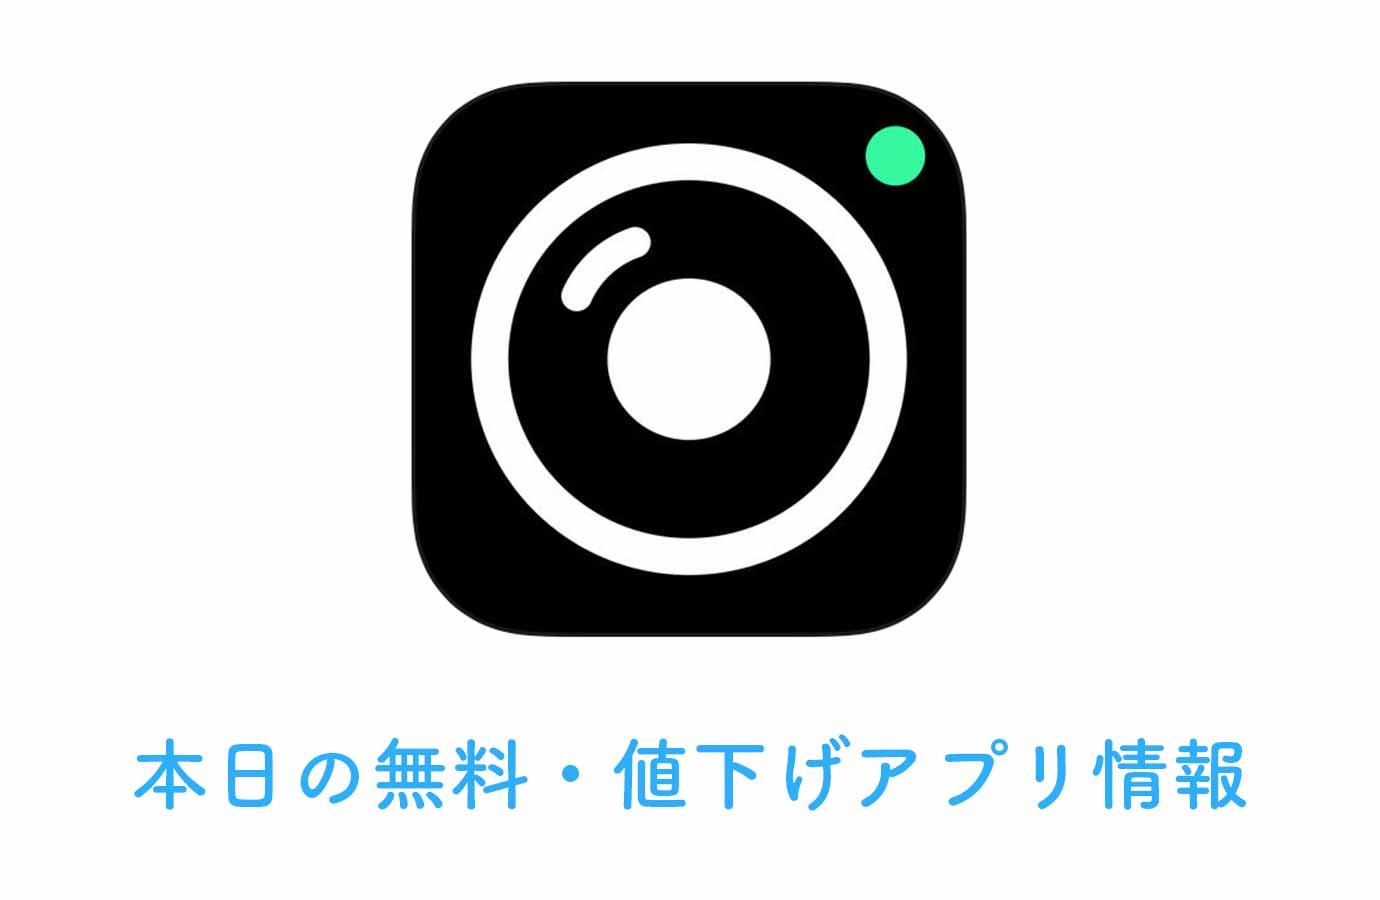 【240円→無料】モノクロ写真が美しく撮れる「BlackCam」など【3/10】本日の無料・値下げアプリ情報